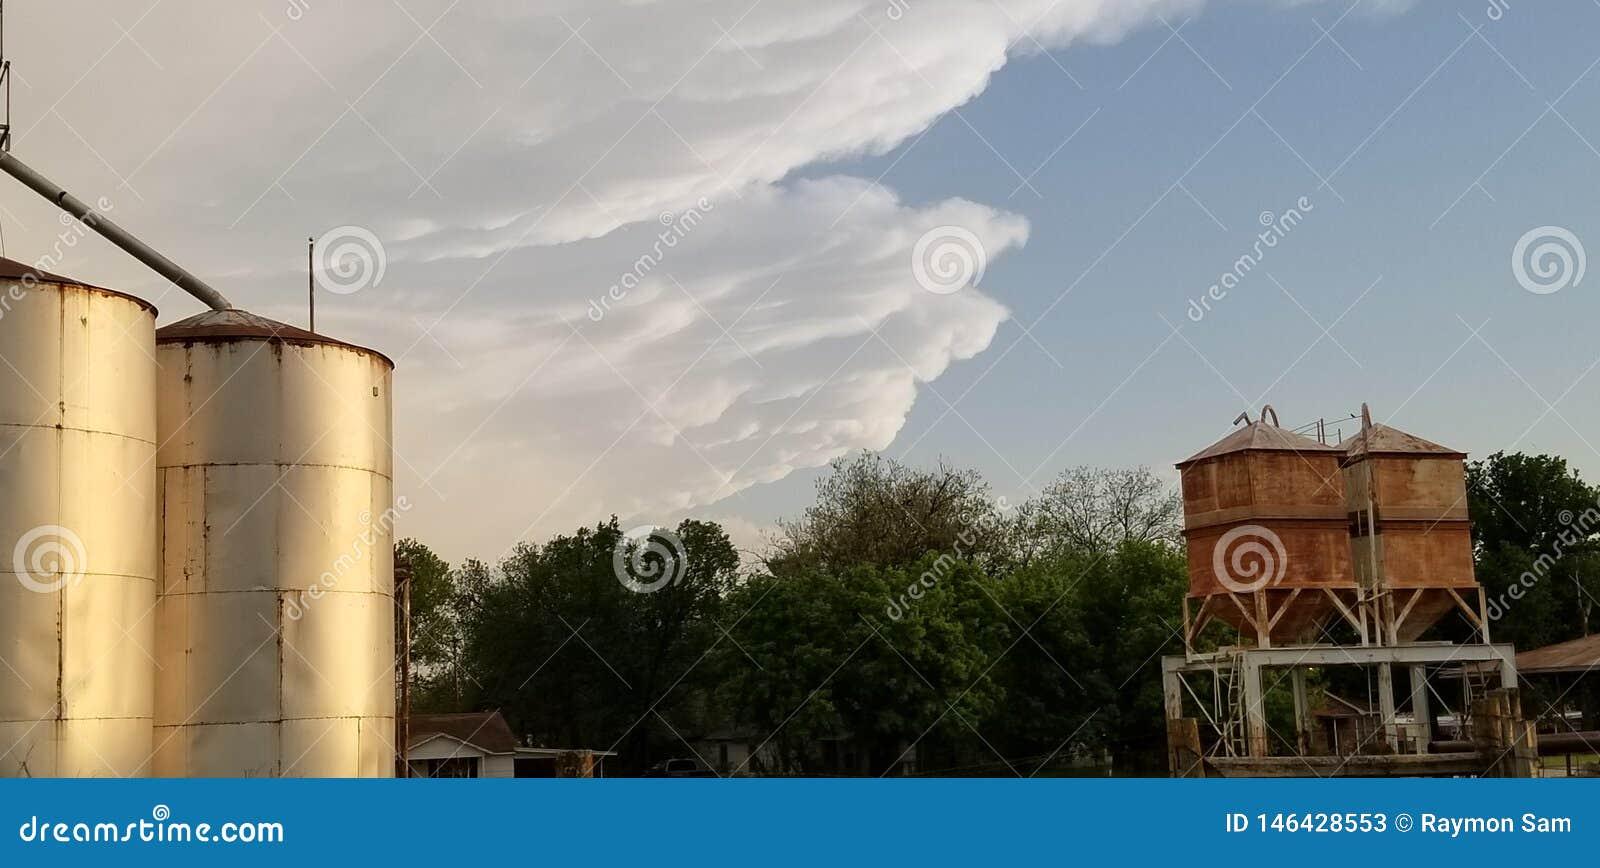 El tornado de Oklahoma de la amenaza de Inpending toma el elevador de grano de Silo de la cubierta